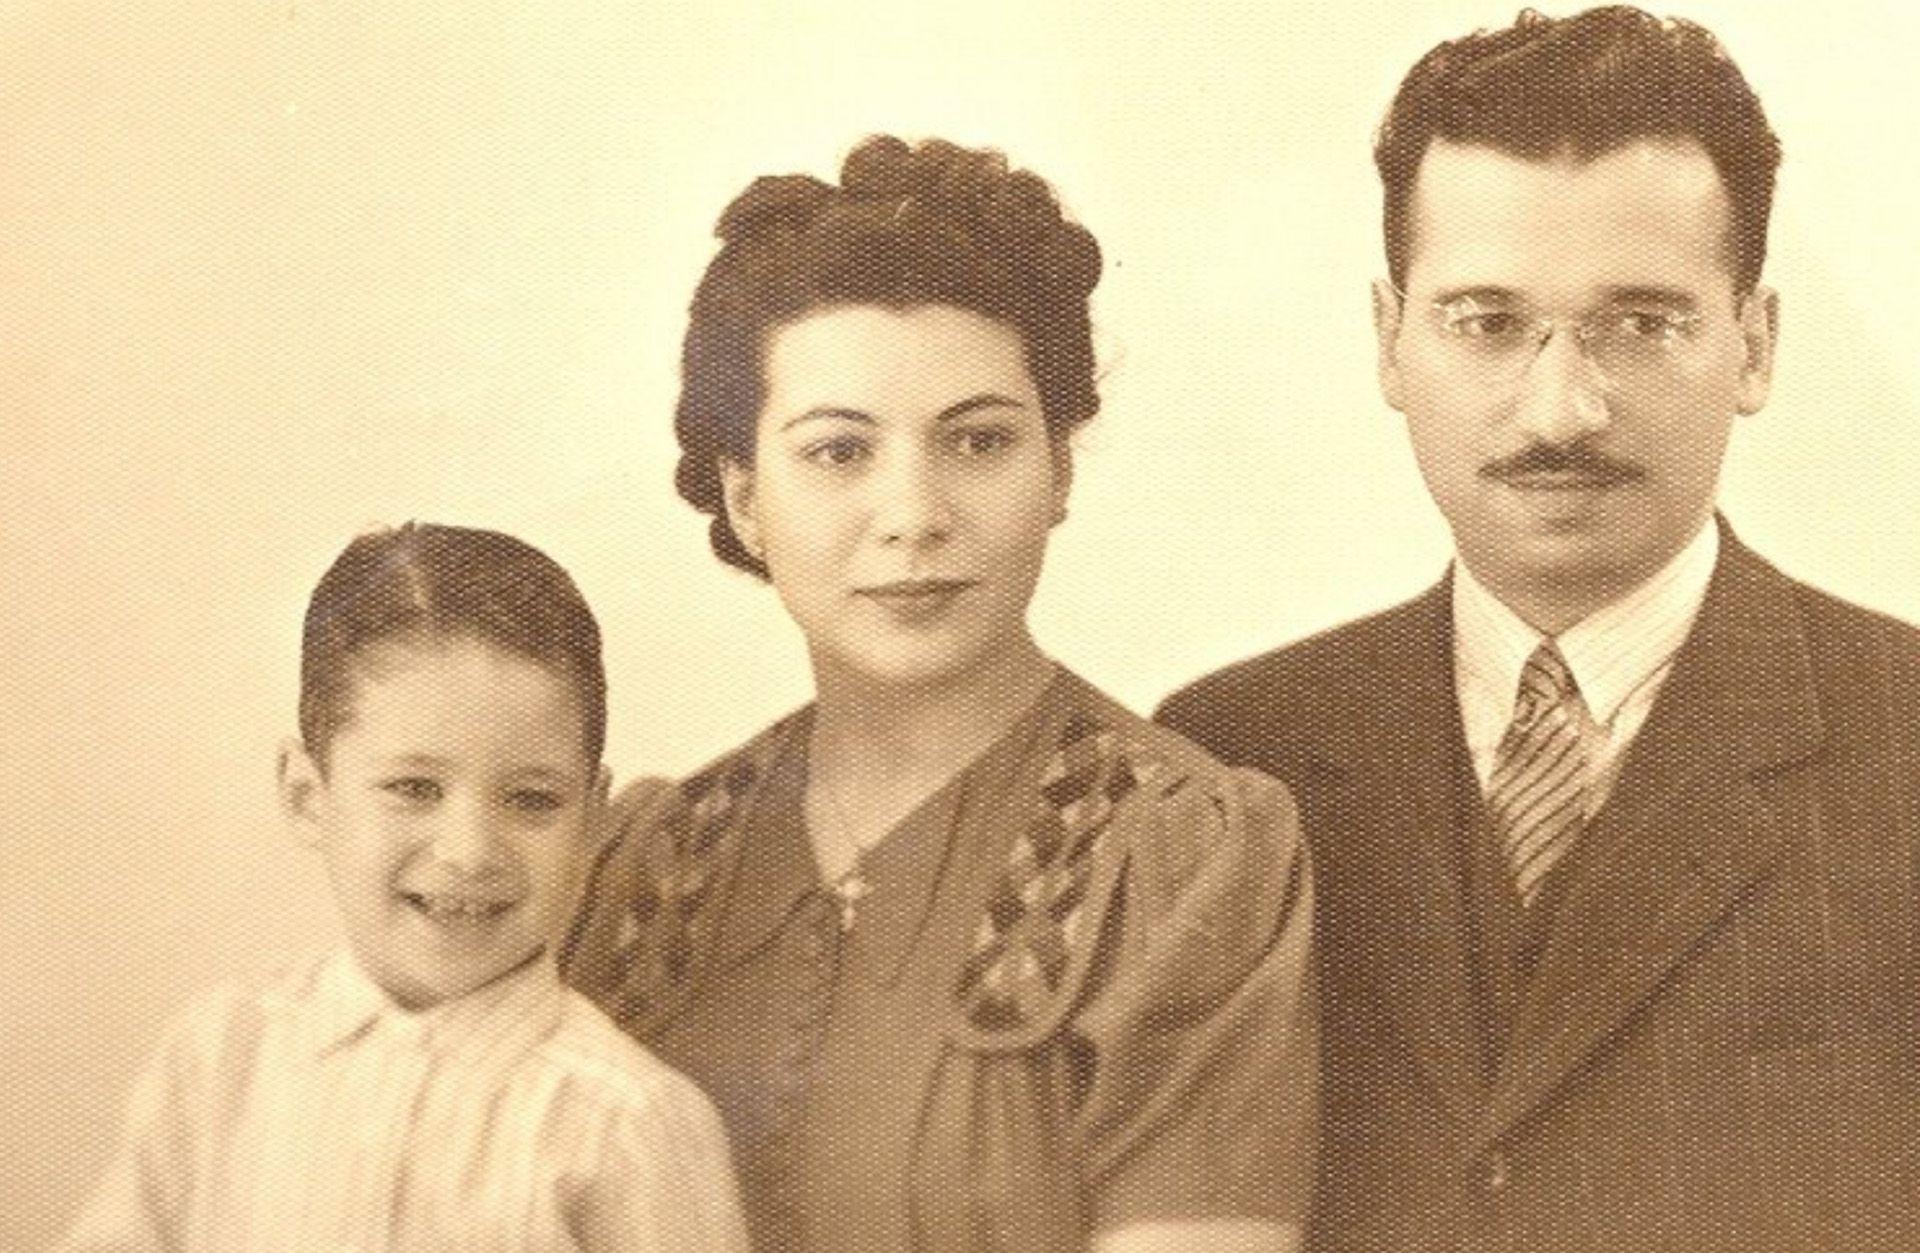 Alberto Cormillot fue el único hijo de Esther y Alberto: nació el 31 de agosto de 1938 en el barrio porteño de Floresta, detrás de la farmacia que era de su abuelo